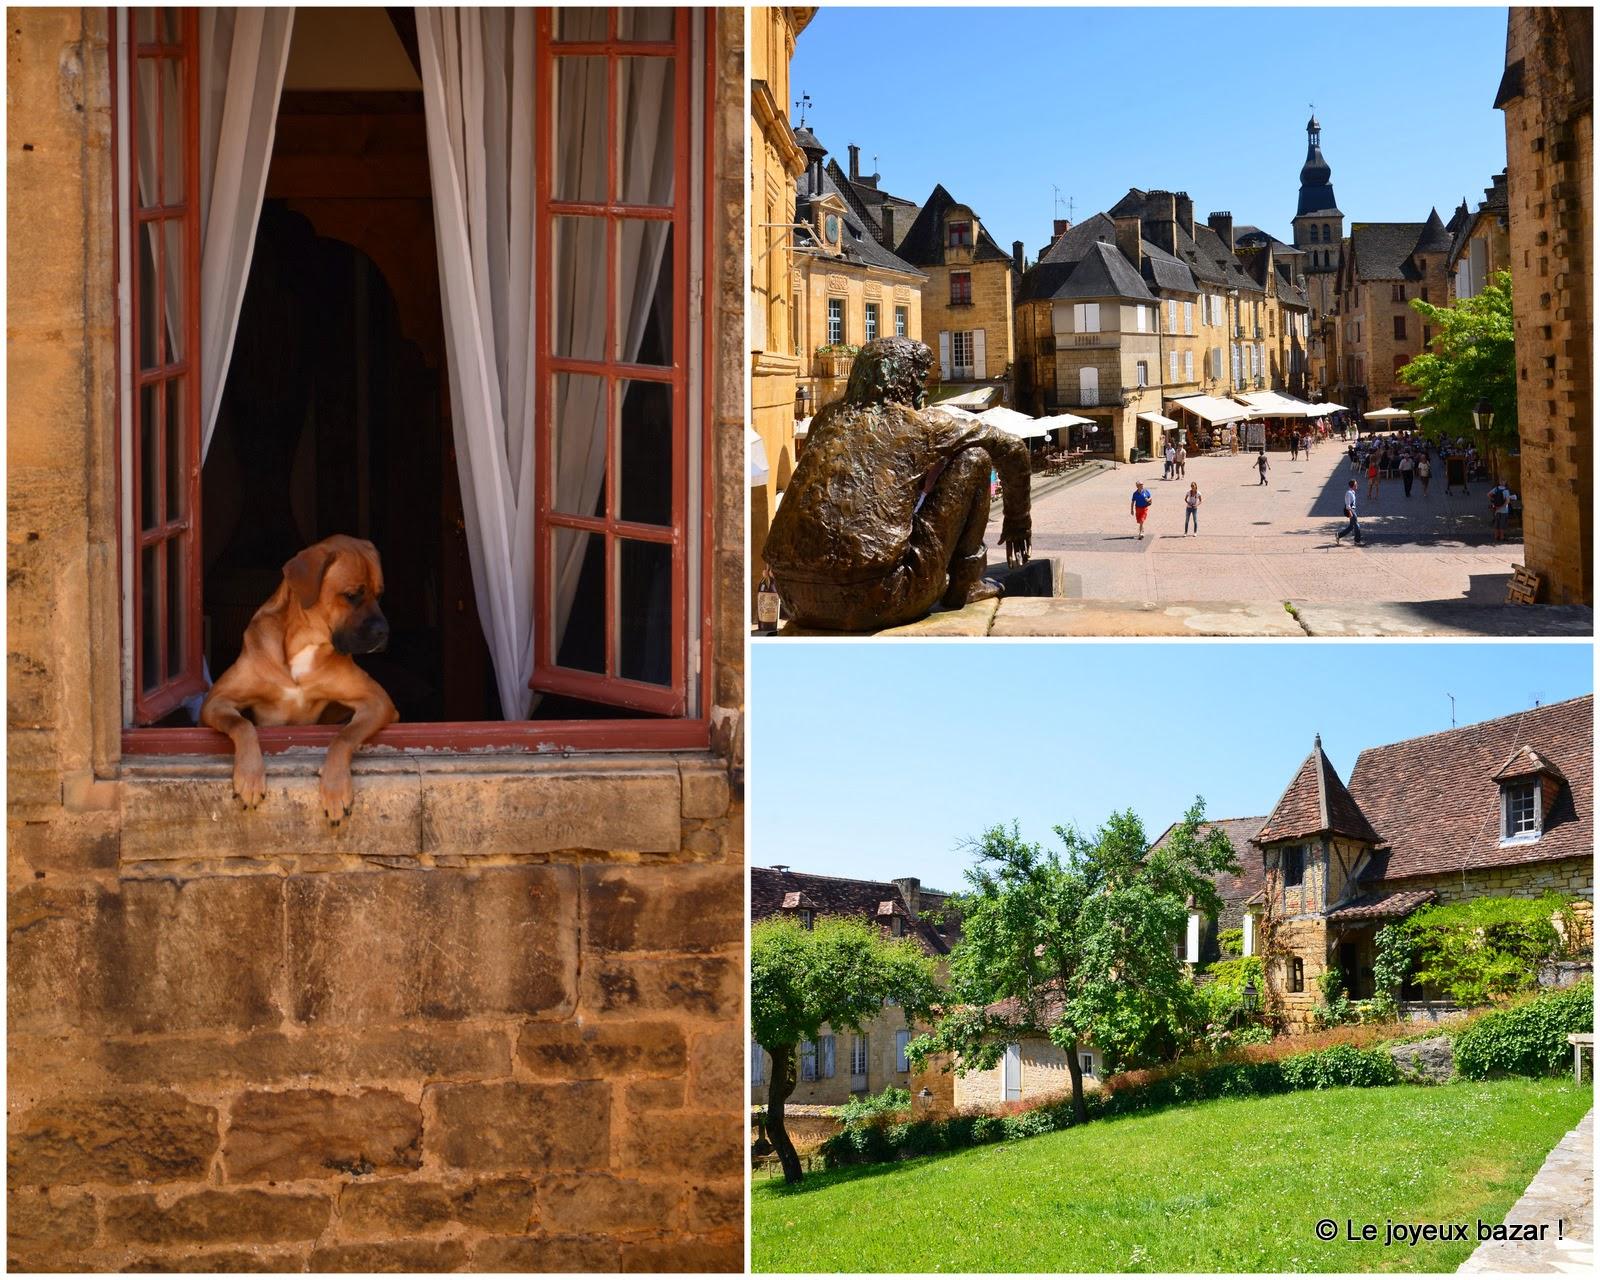 http://joyeuxbazar.blogspot.fr/2013/07/un-week-end-en-dordogne-sarlat.html